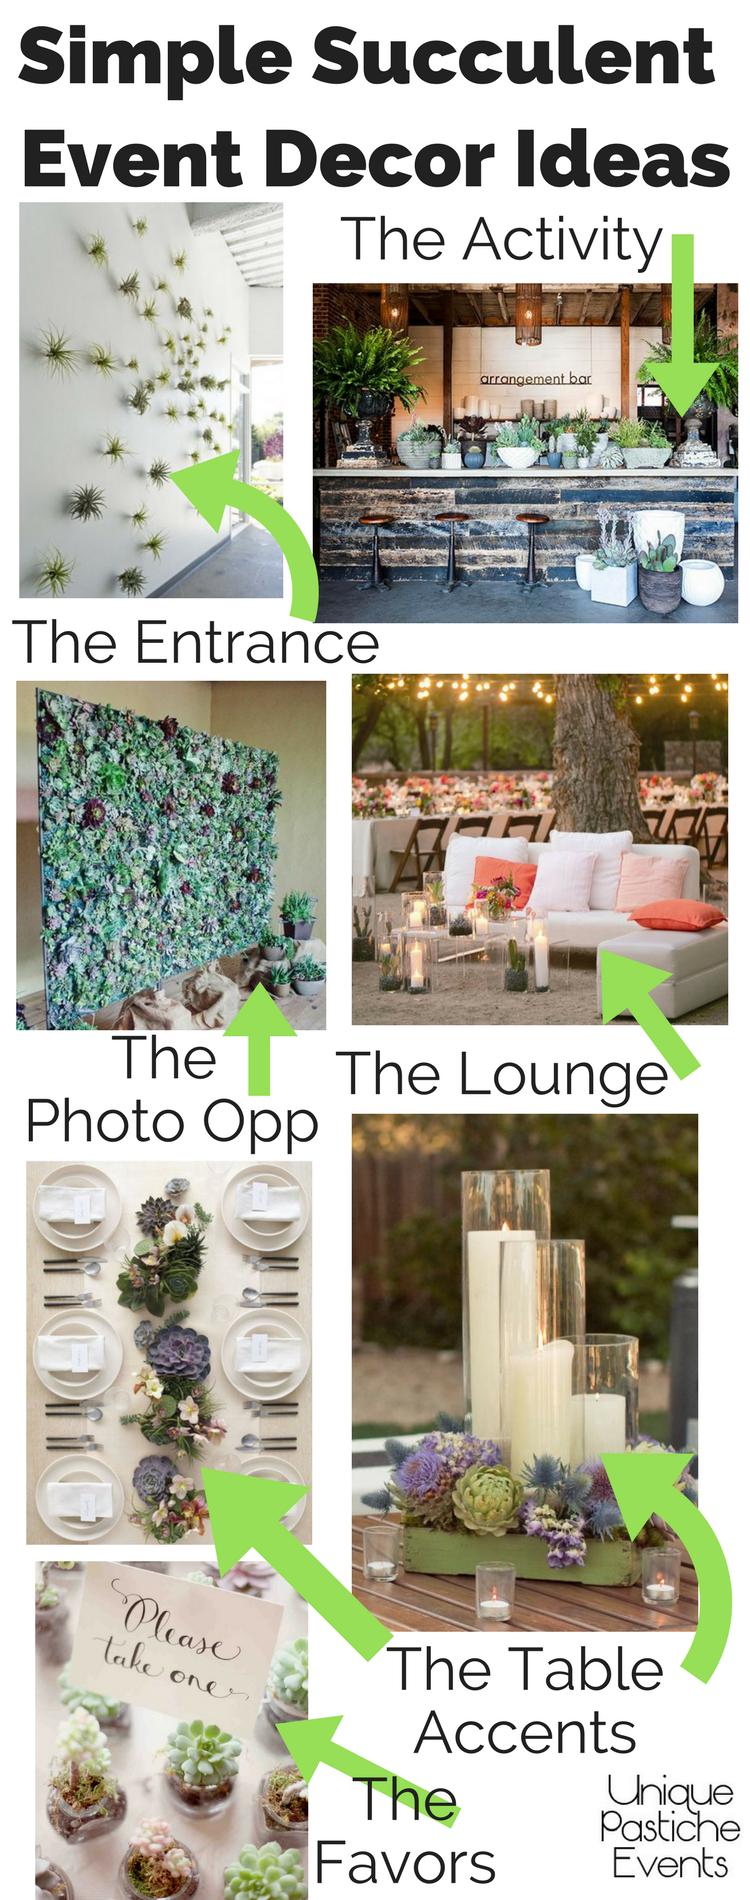 Simple Succulent Event Decor Ideas